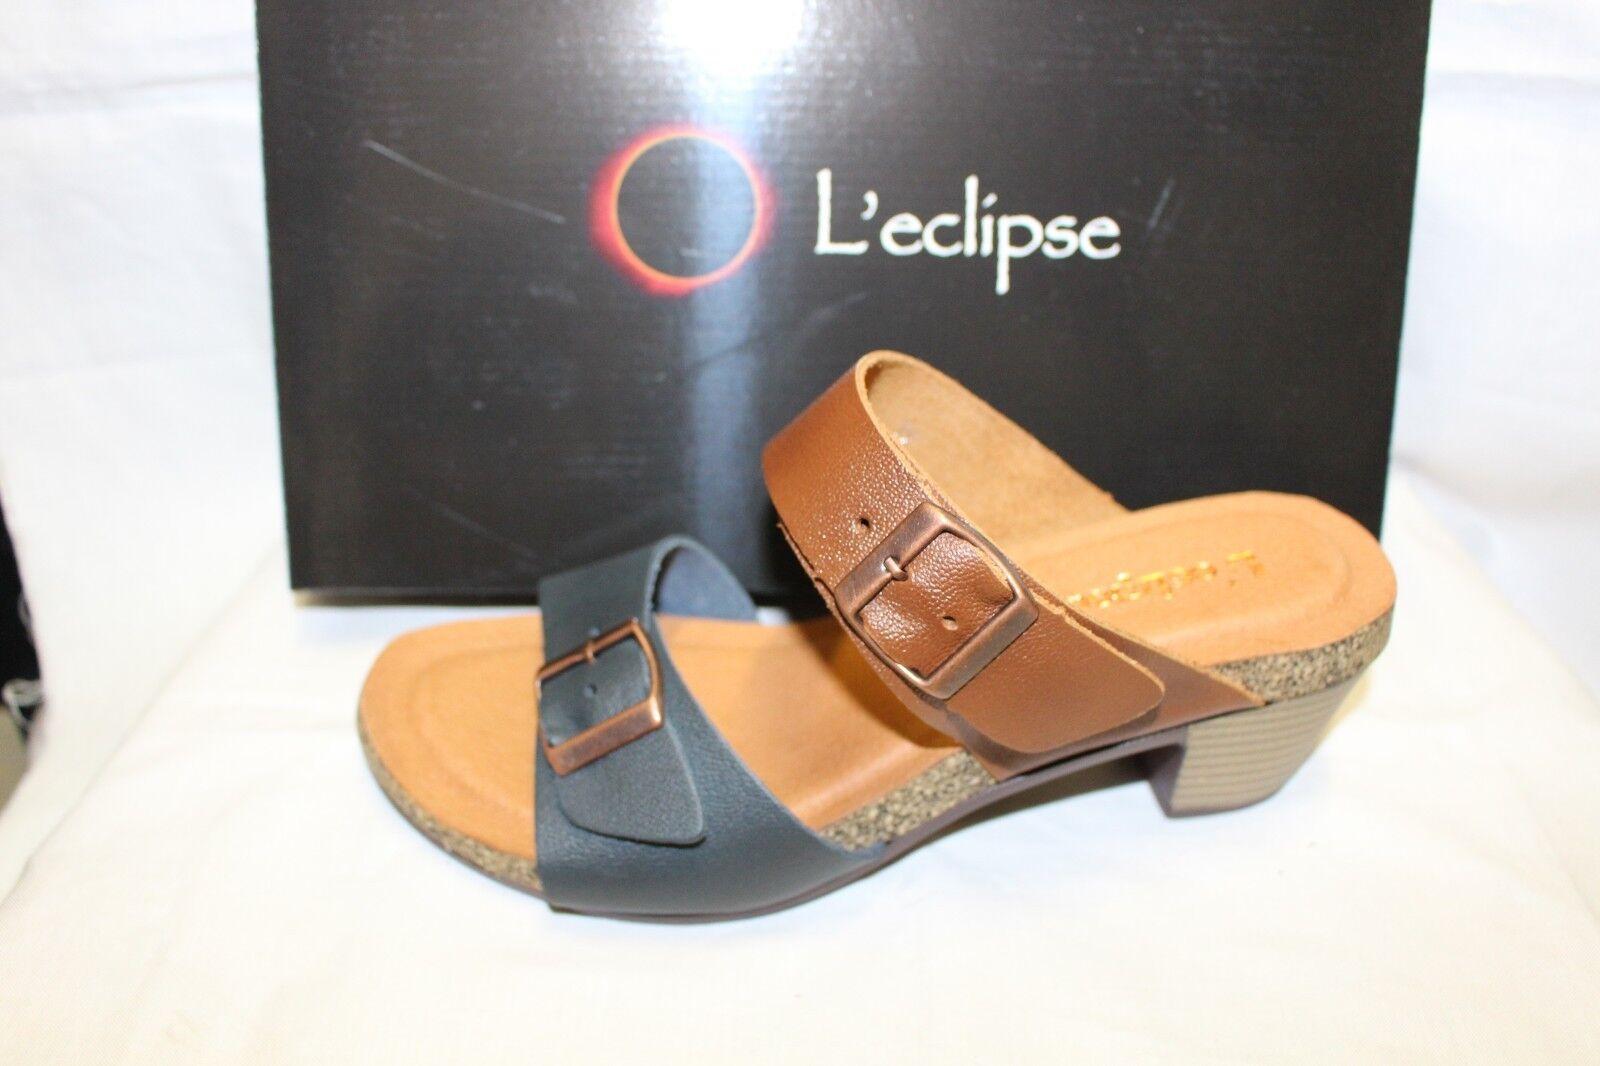 Damas Zapatos Calzado-l'eclipse desgaste desgaste desgaste Dodge Azul Marino Tan  respuestas rápidas